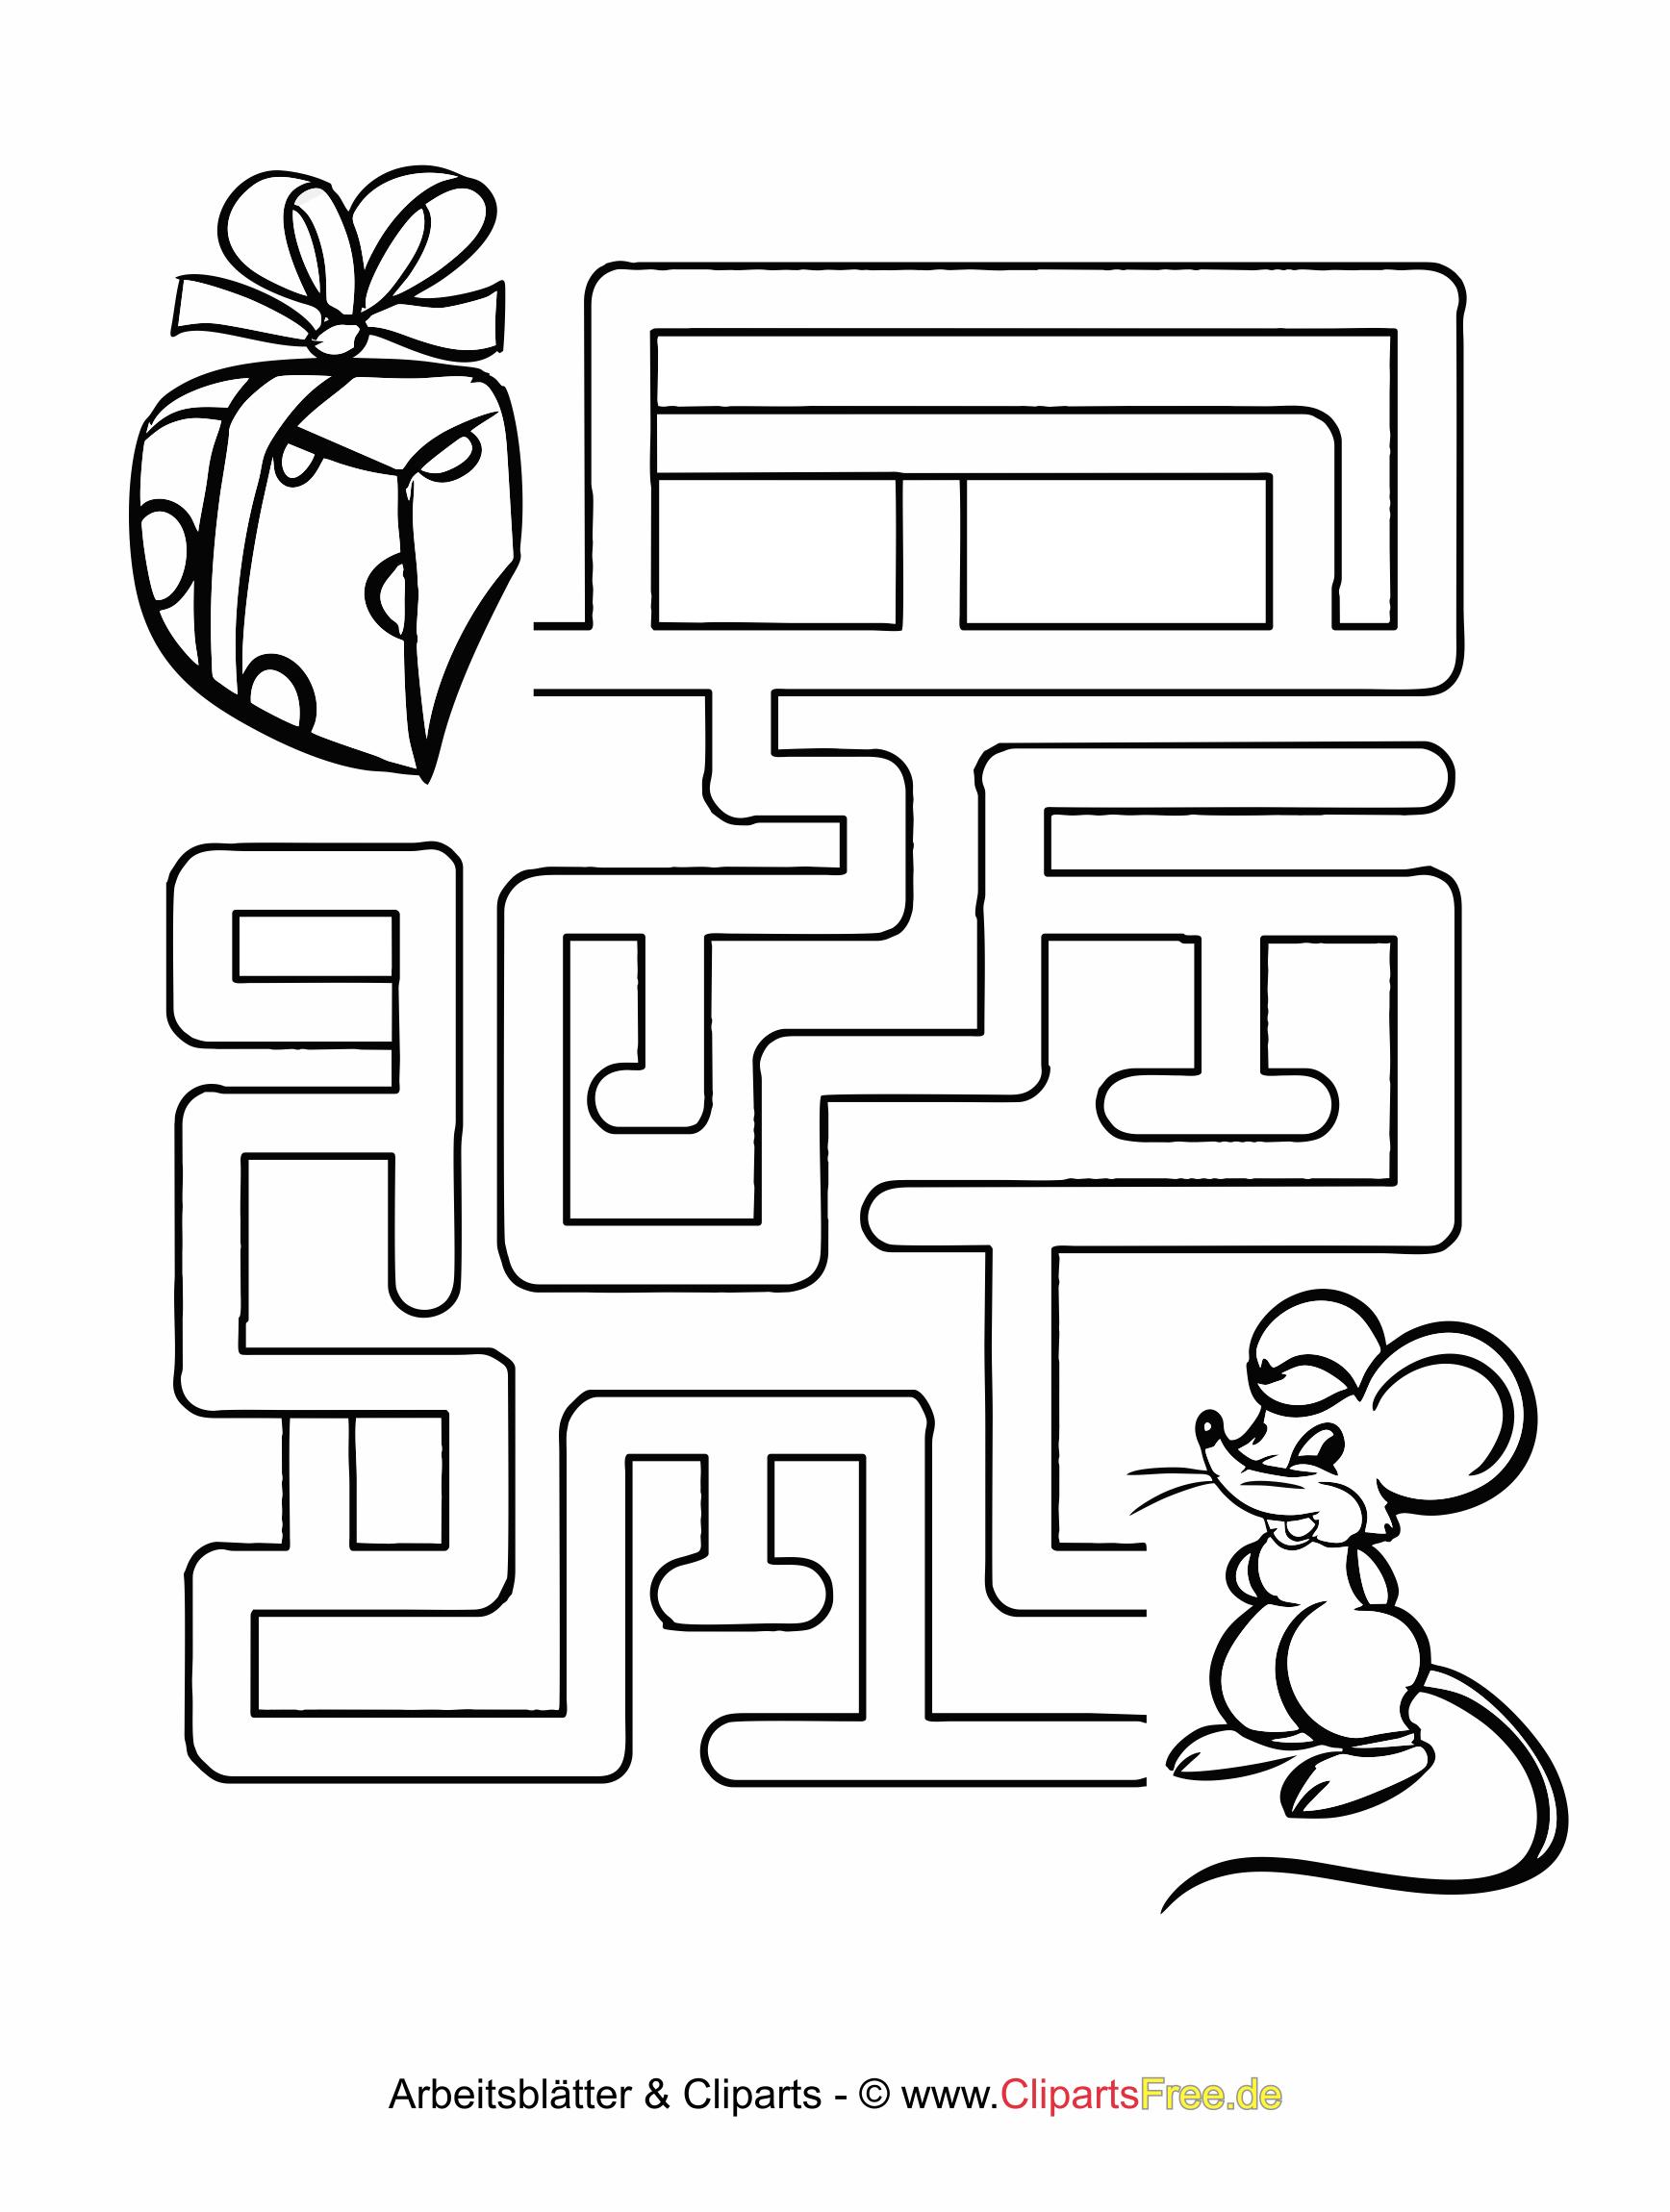 labyrinth vorlagen zum ausdrucken. Black Bedroom Furniture Sets. Home Design Ideas